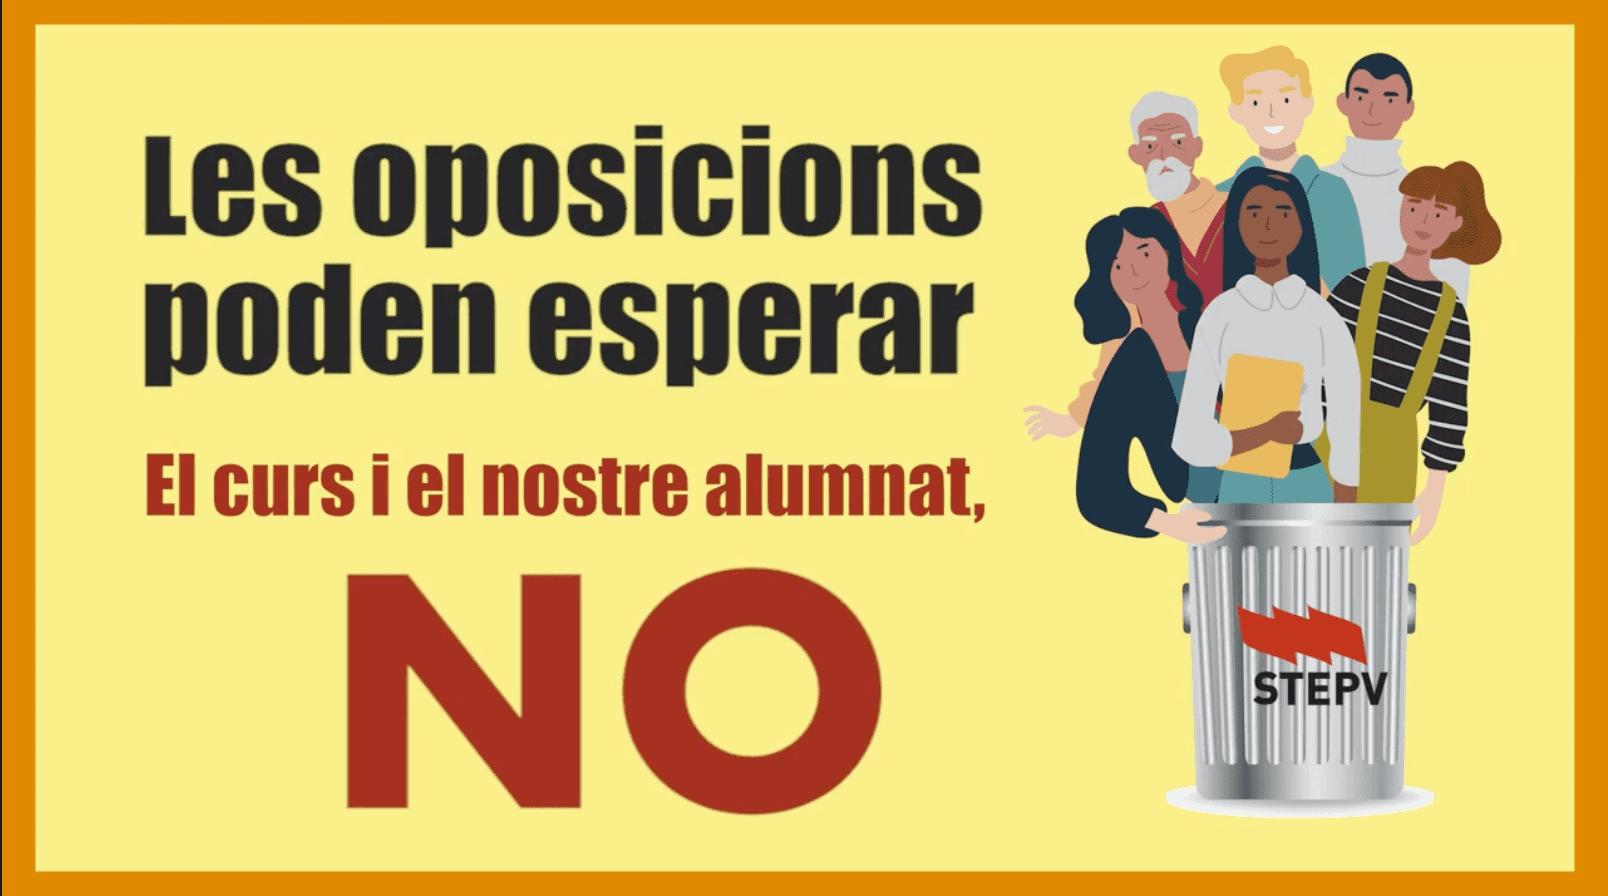 Vaga! No a les oposicions en plena pandèmia!